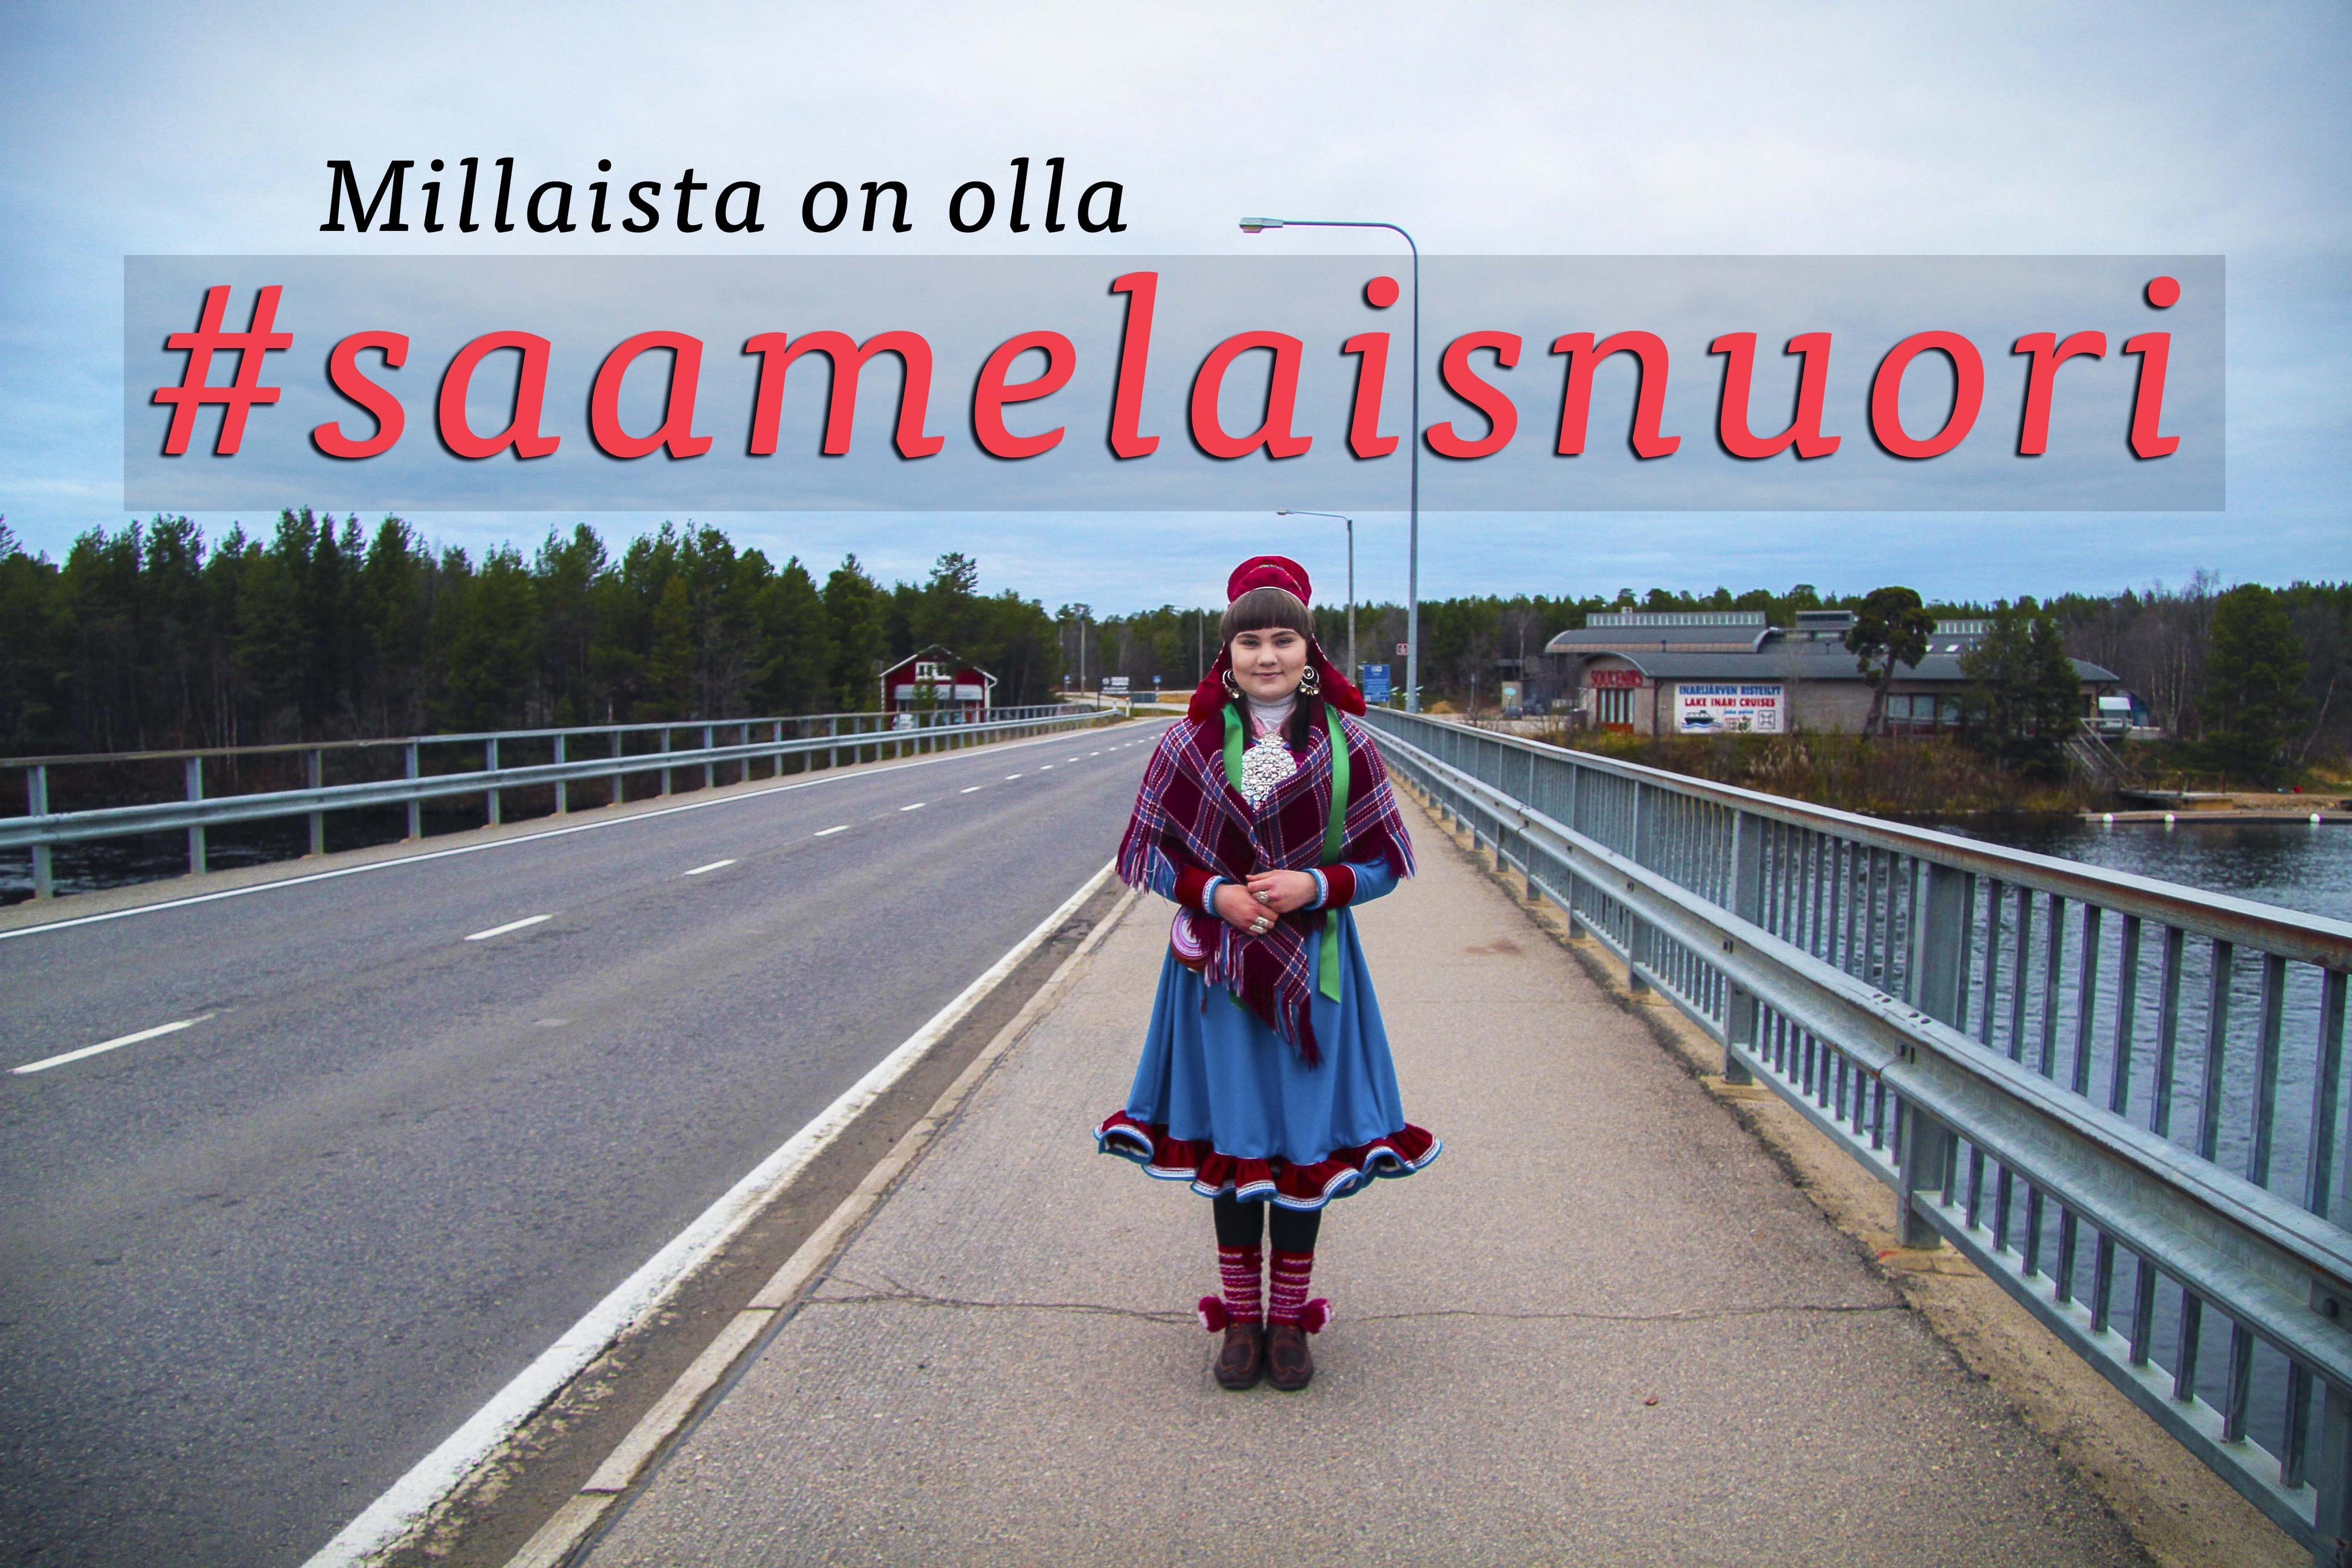 saamelaisnuori-laura-teksti